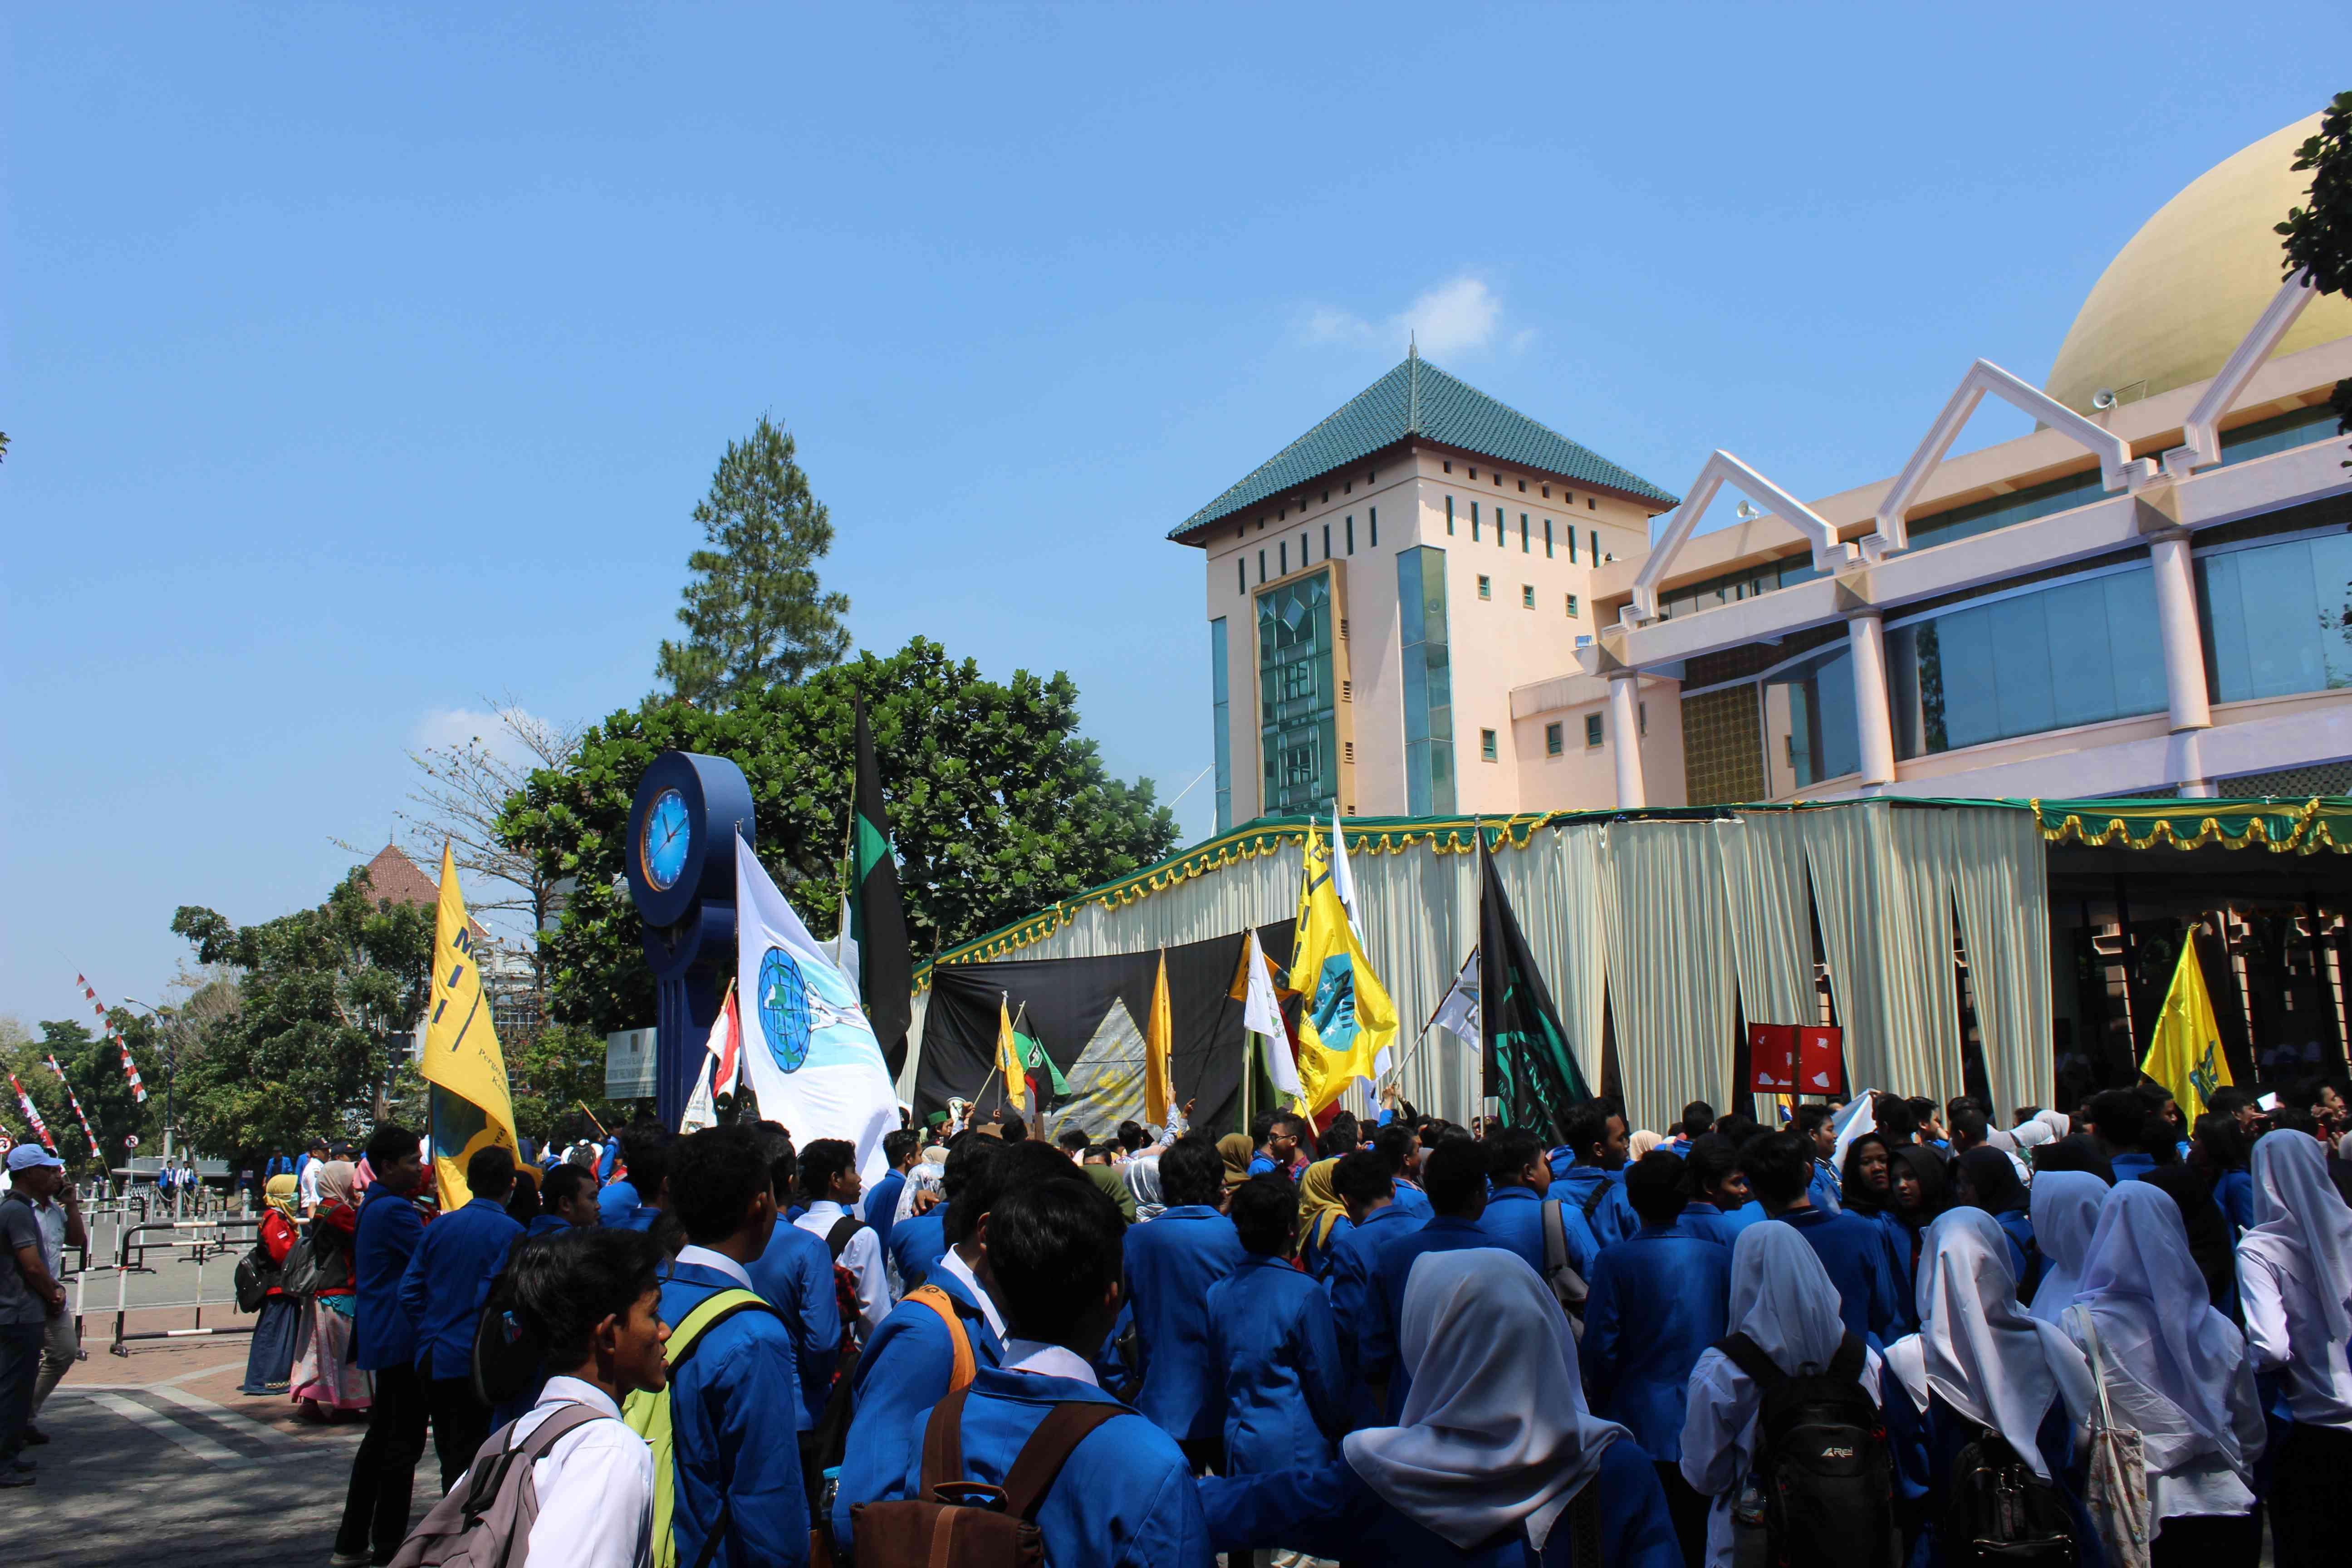 Suasana di depan gedung Prof. KH Kahar Muzakkir saat kuliah perdana berlangsung, perwakilan berbagai organisasi kemahasiswaan sudah menunggu di depan gedung dengan membawa bendera mereka. (Foto : Ghani/Ekonomika)